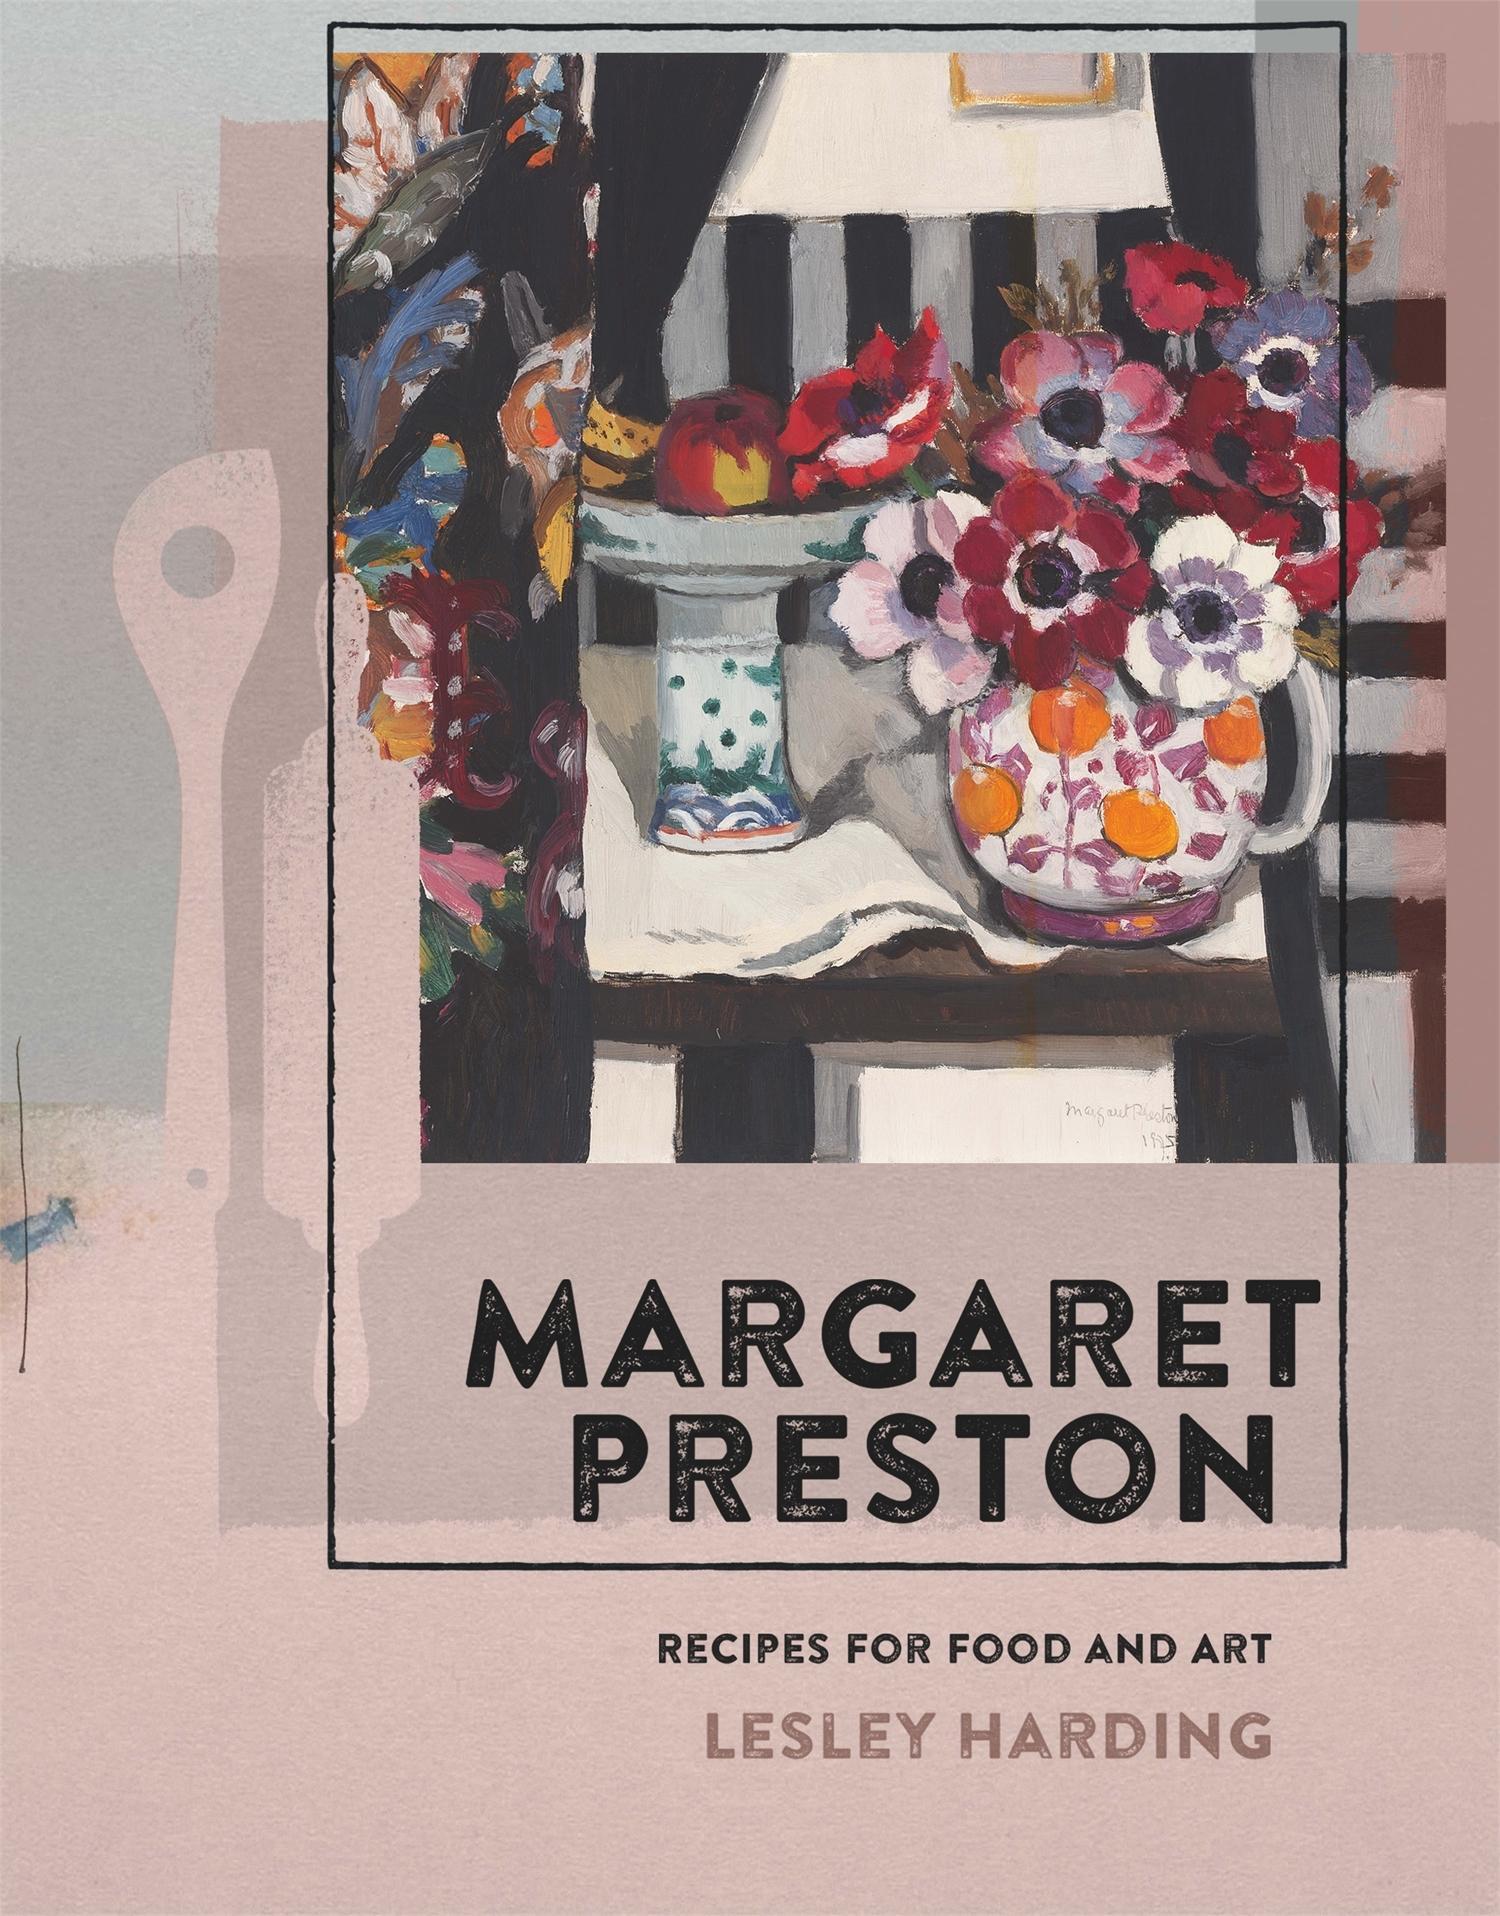 Margaret Preston: Recipes for FoodandArt